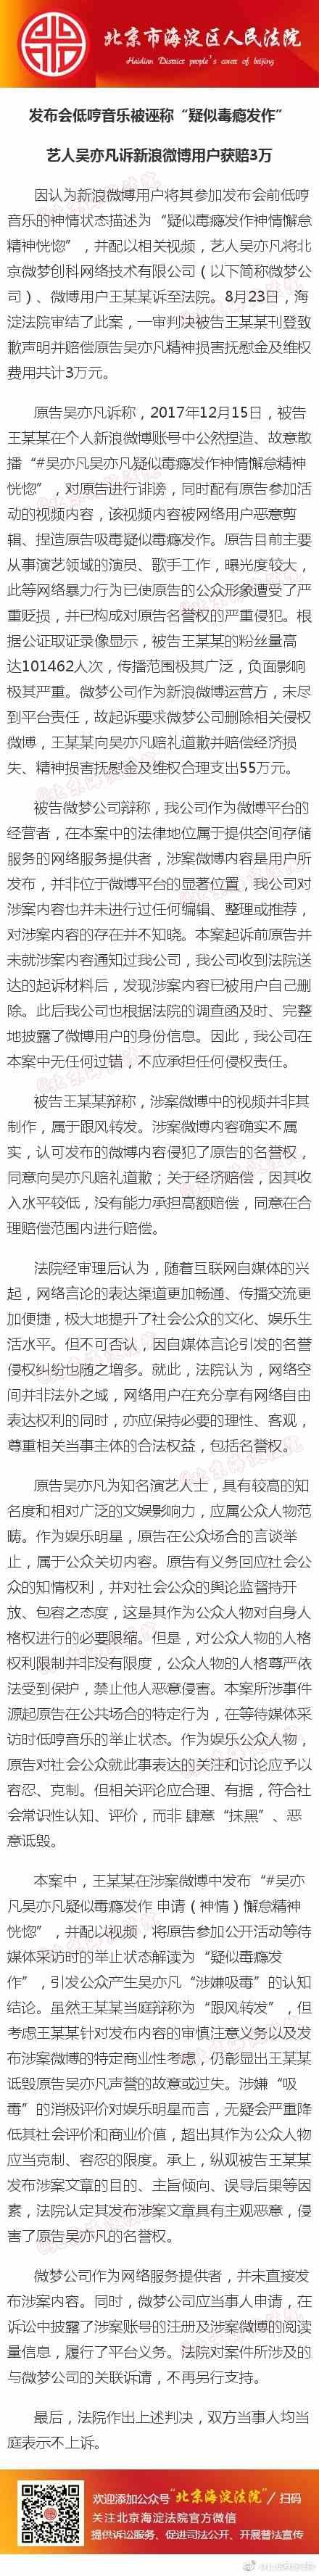 吴亦凡名誉权案一审胜诉获赔3万当事人不上诉